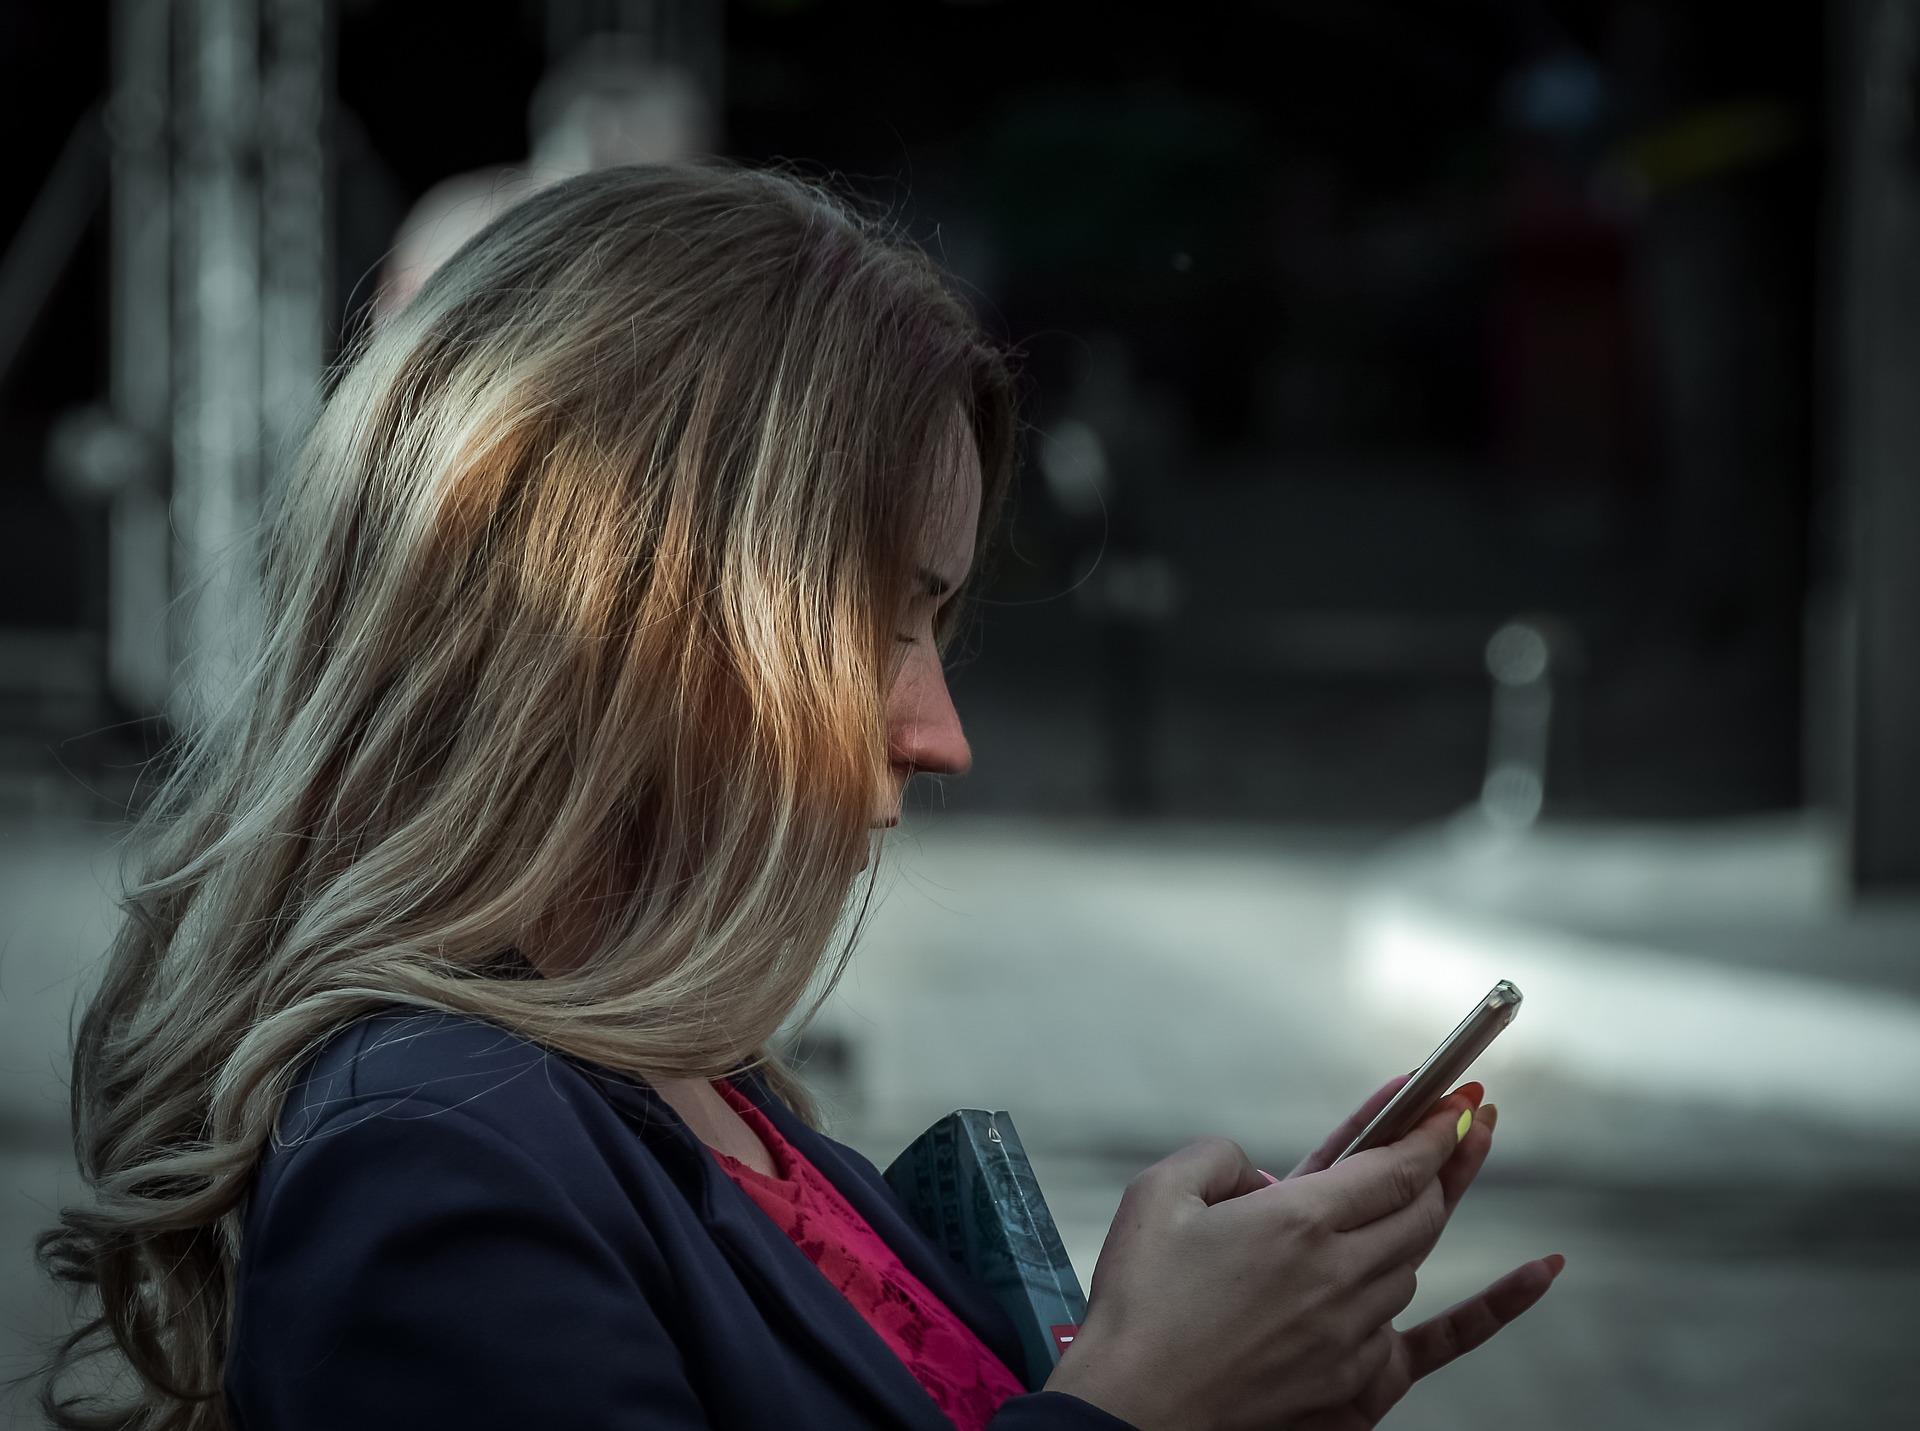 אישה עם טלפון נייד